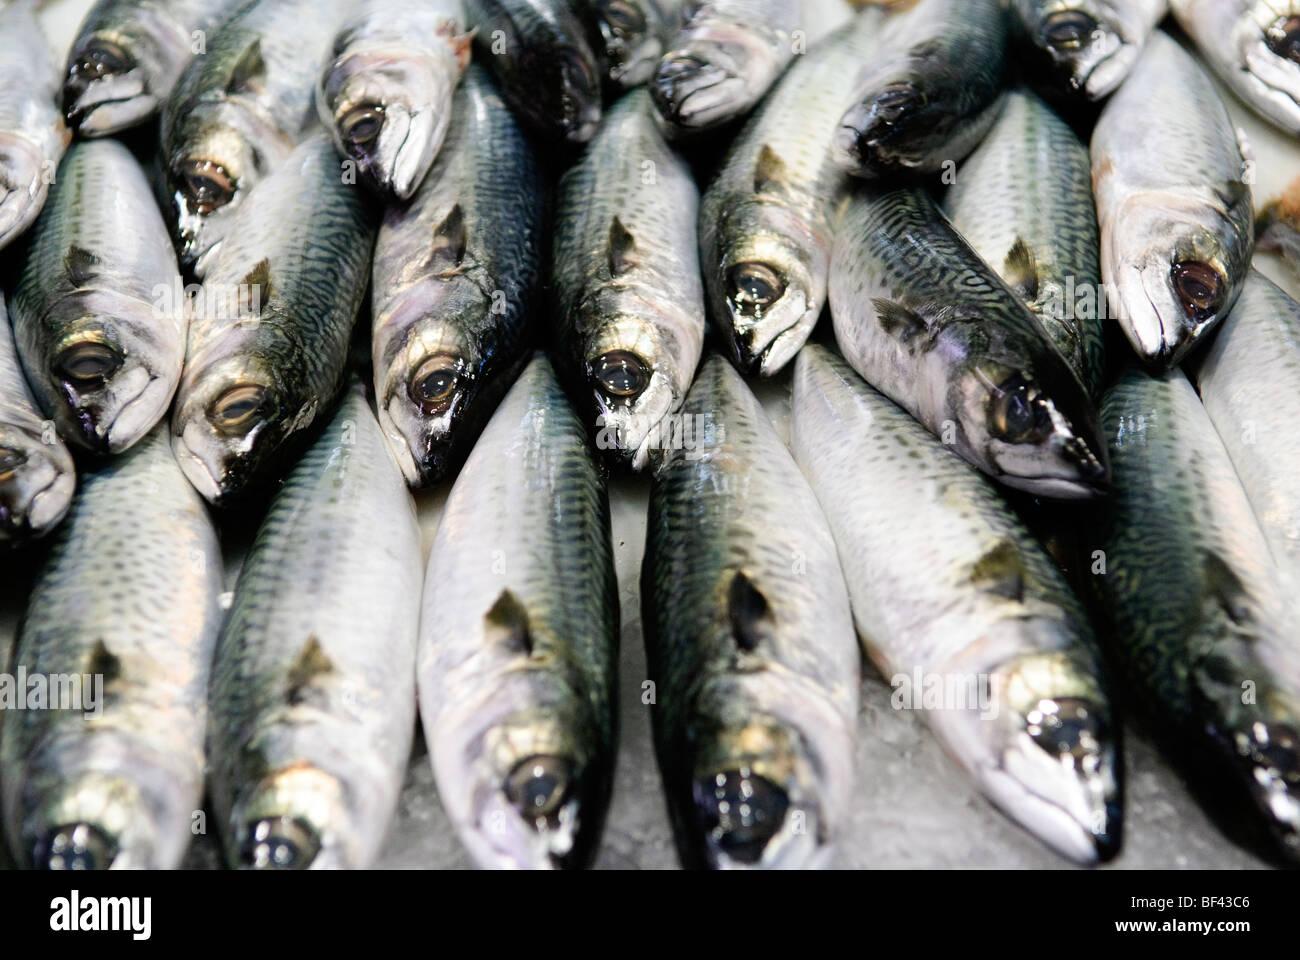 fresh mackerel on ice - Stock Image